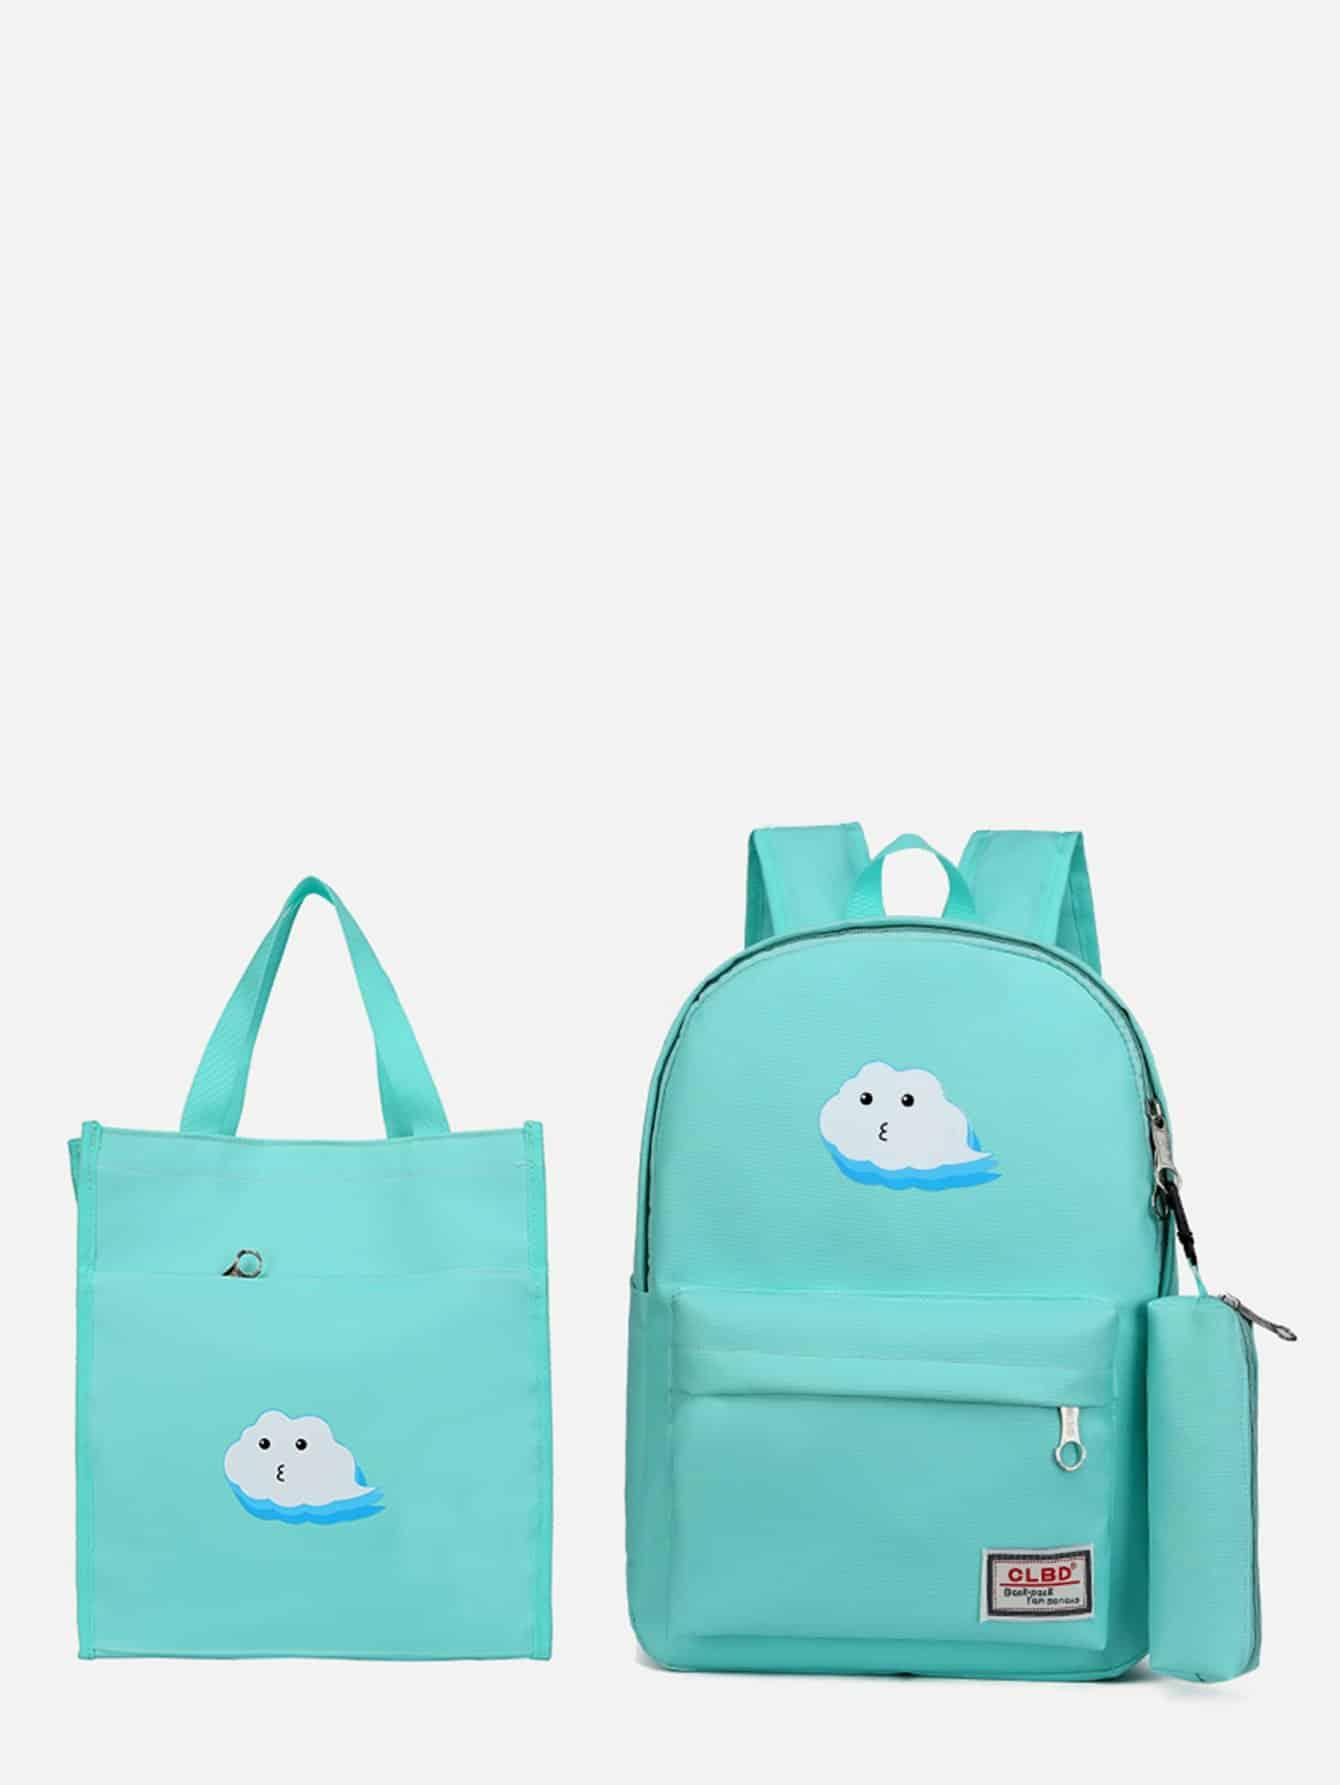 Рюкзак с рисунками облак и пенал для карандашей сумка покупок